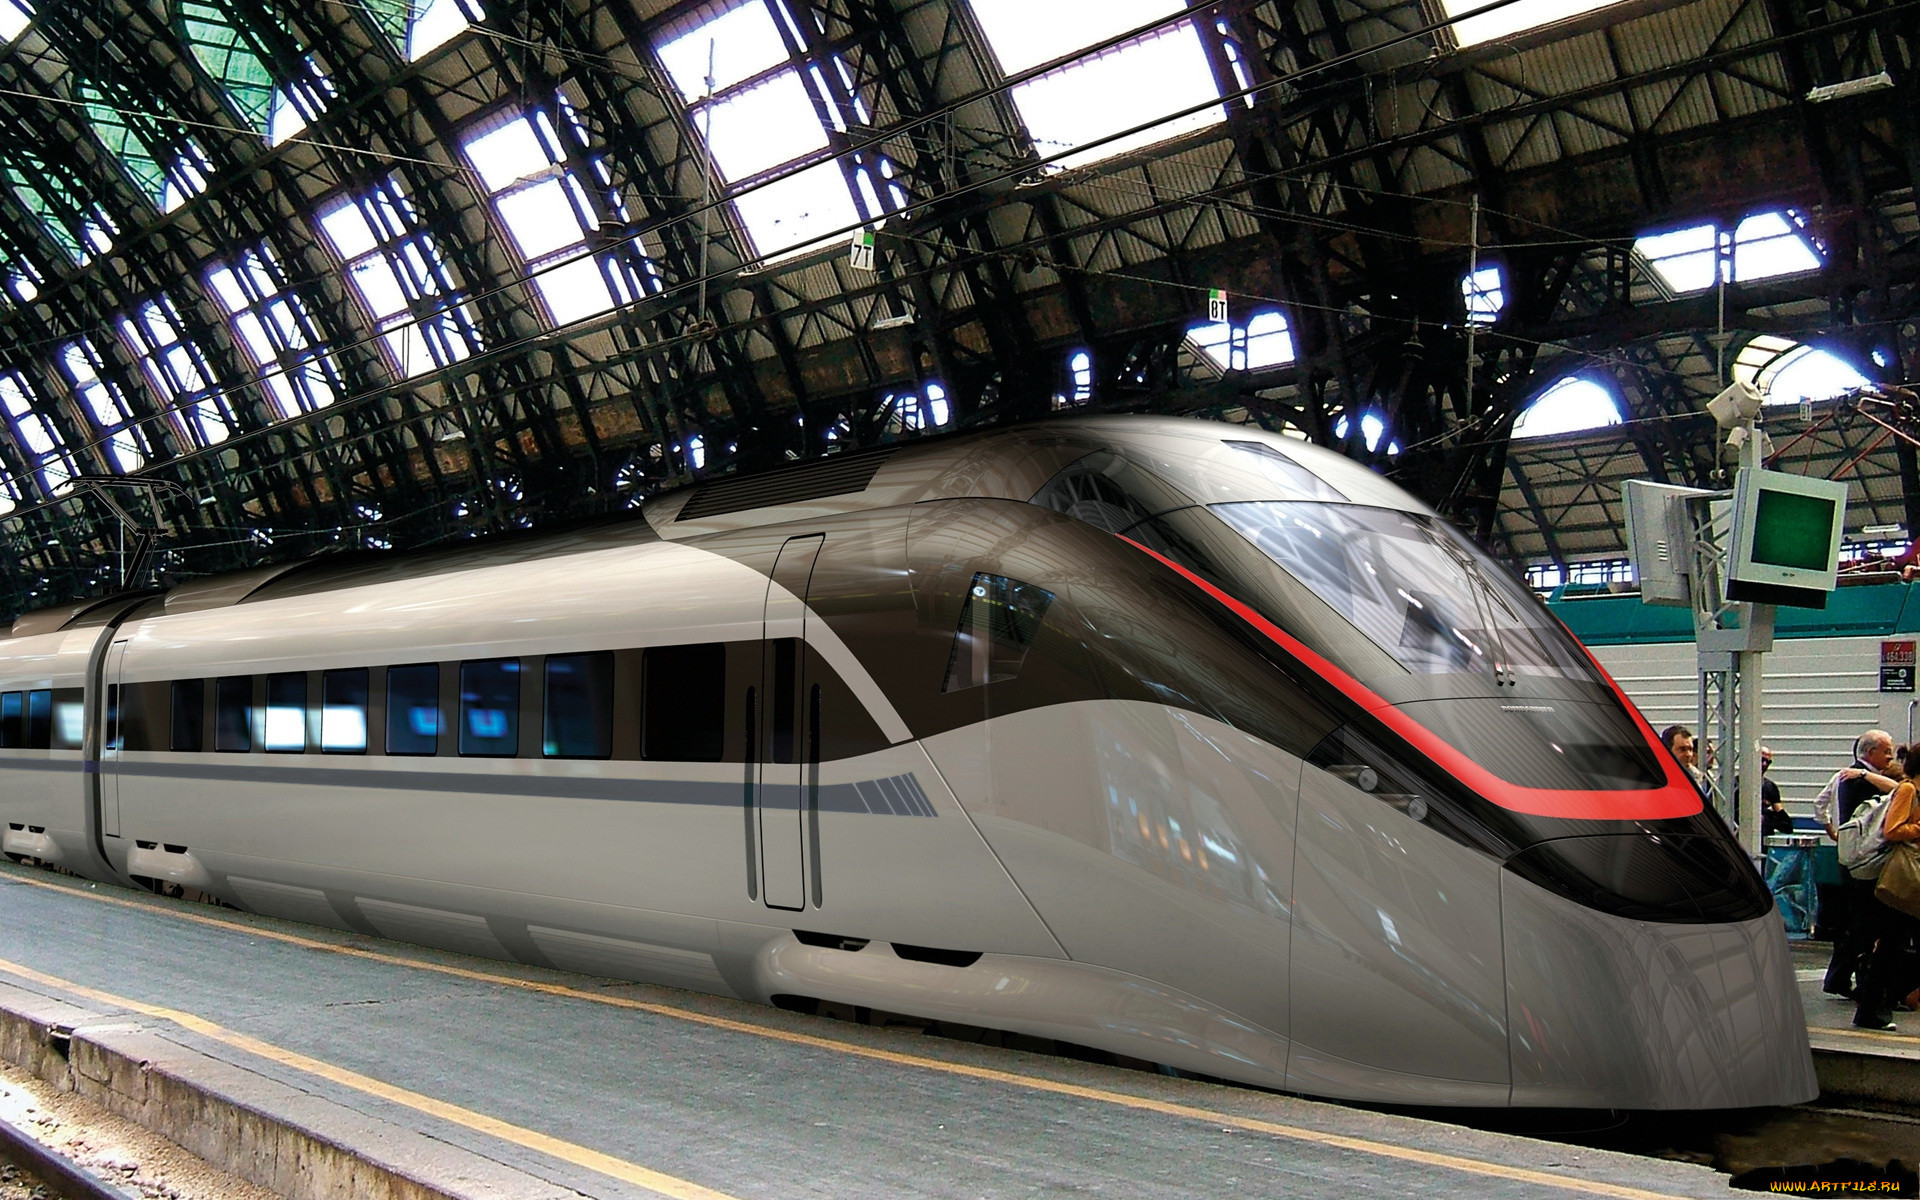 перестали самые крутые поезда мира фото же, есть